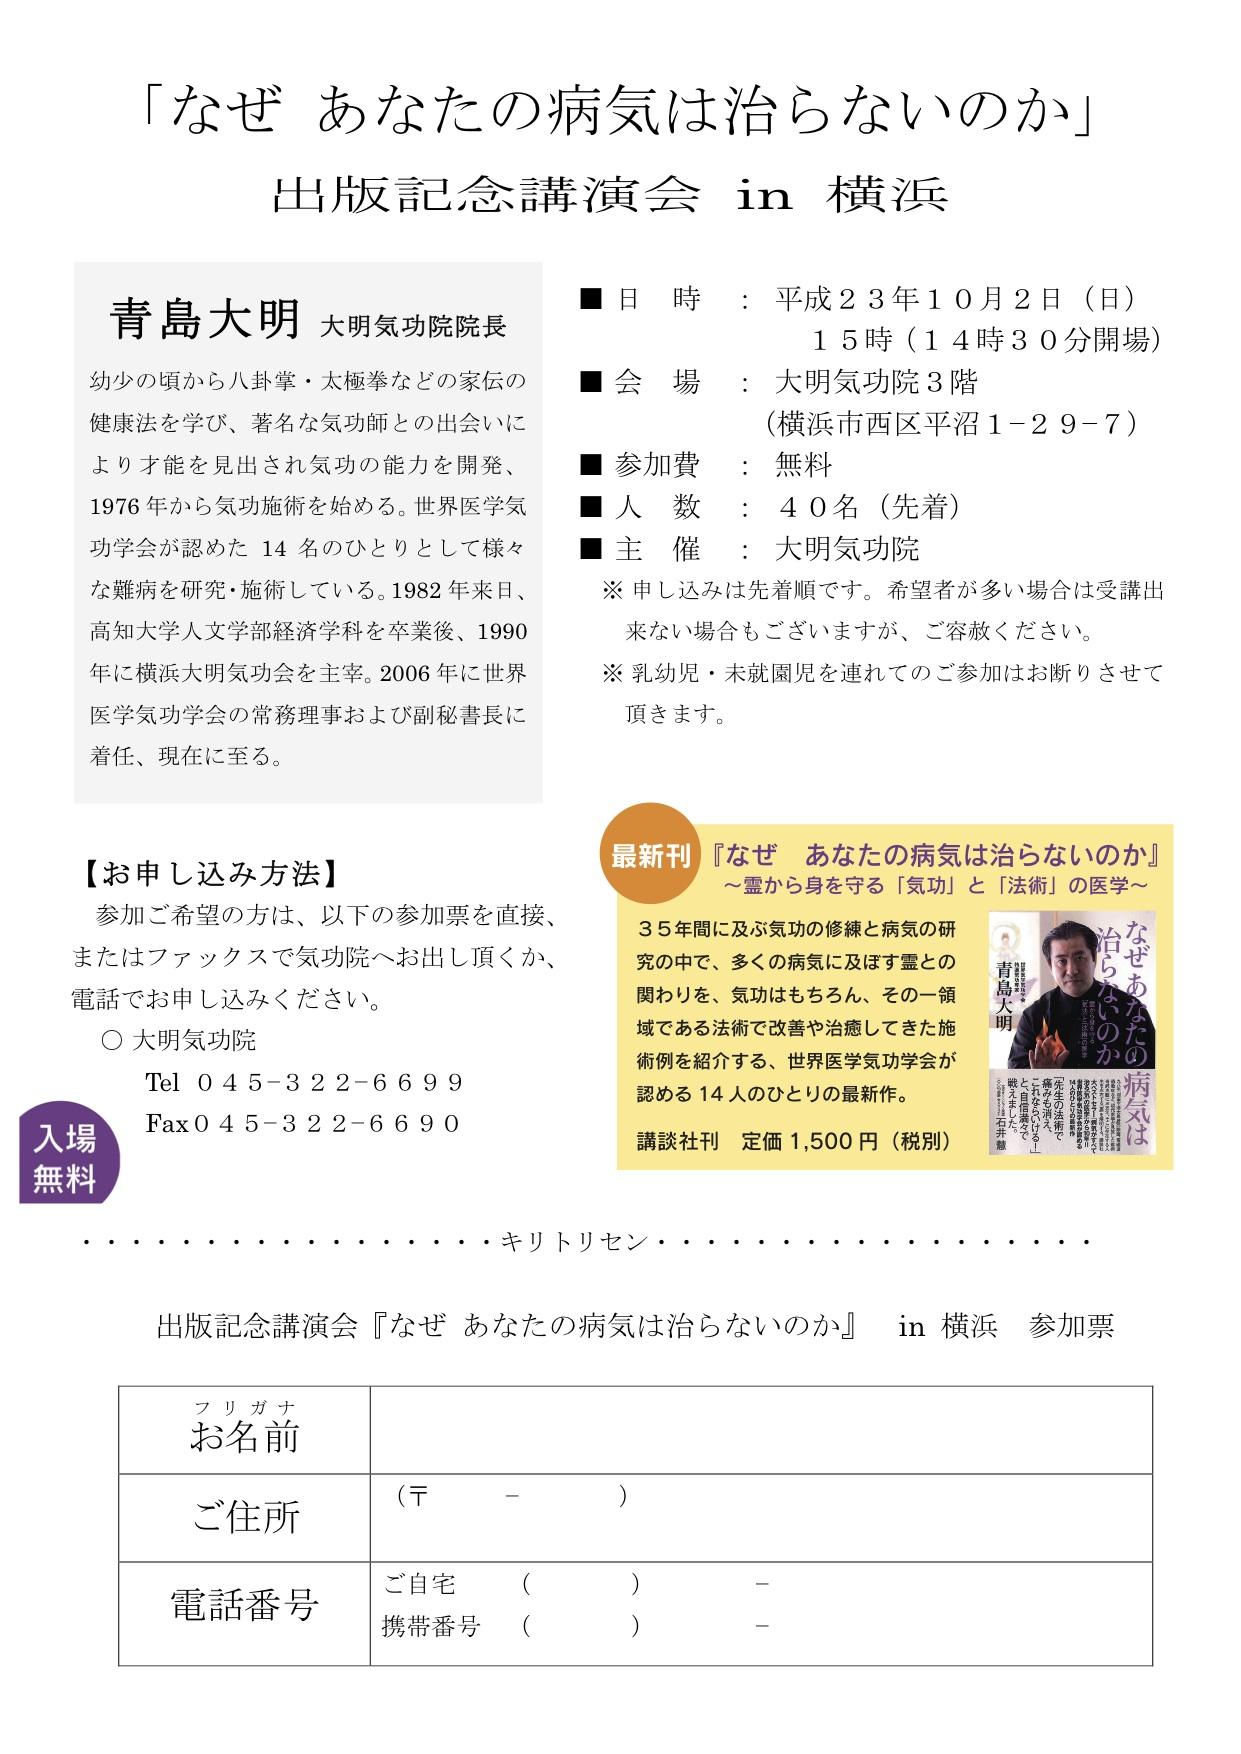 出版記念講演会『なぜ あなたの病気は治らないのか』青島大明 大明気功院院長